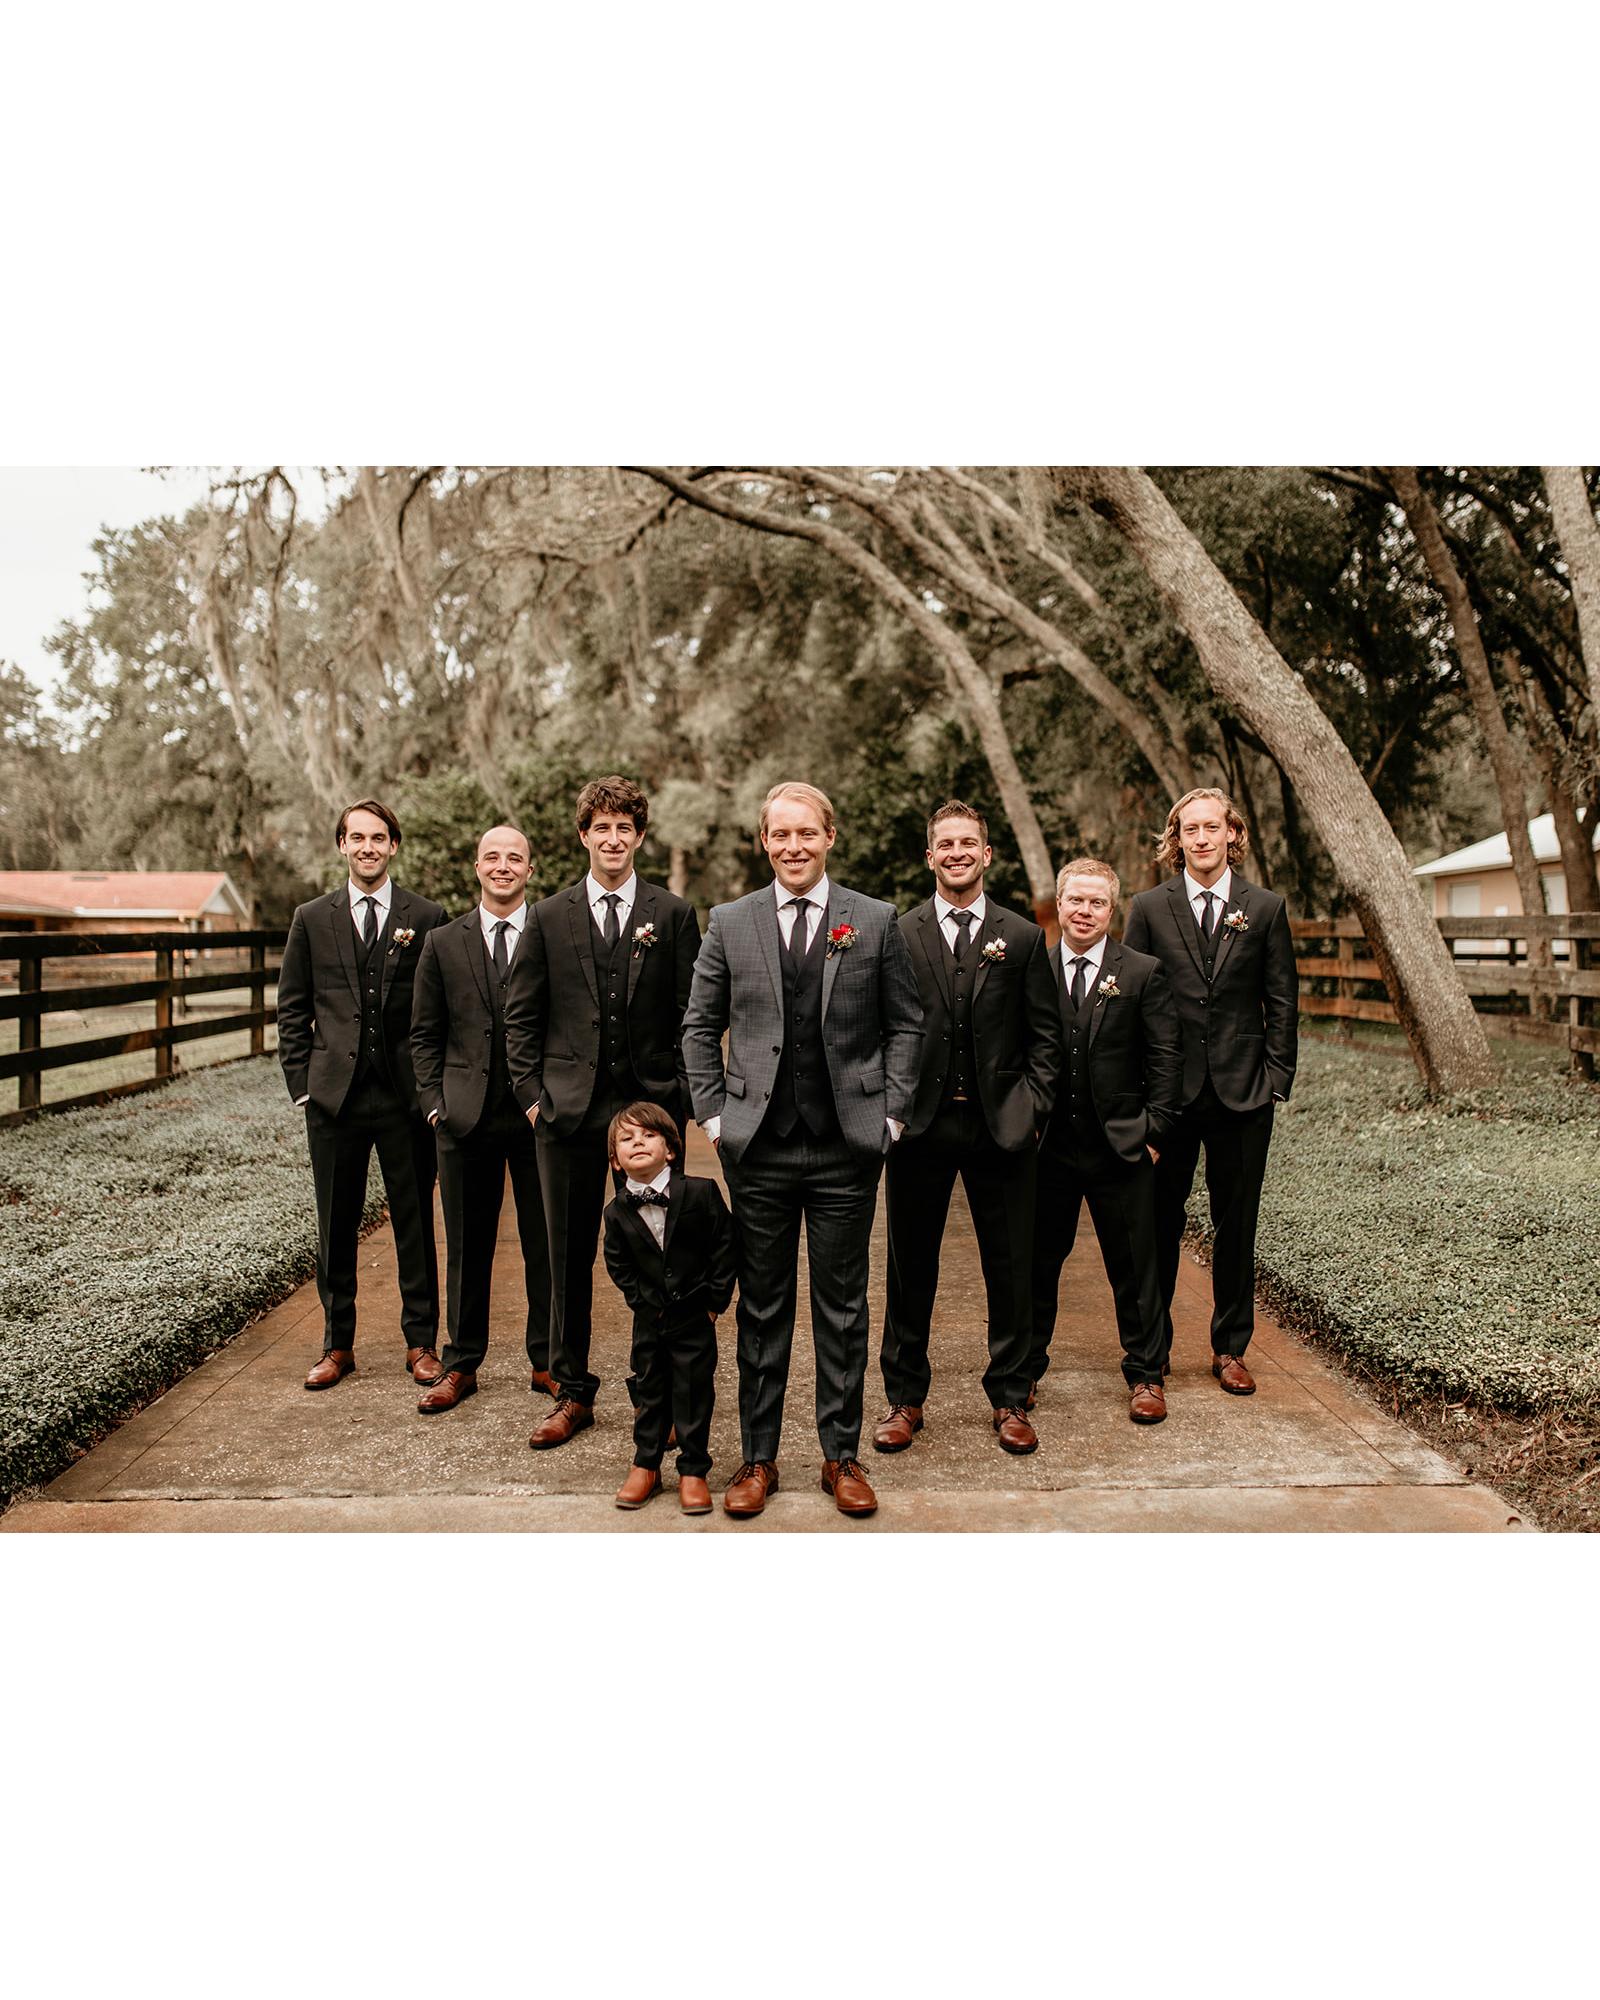 aerielle dyan wedding groomsmen